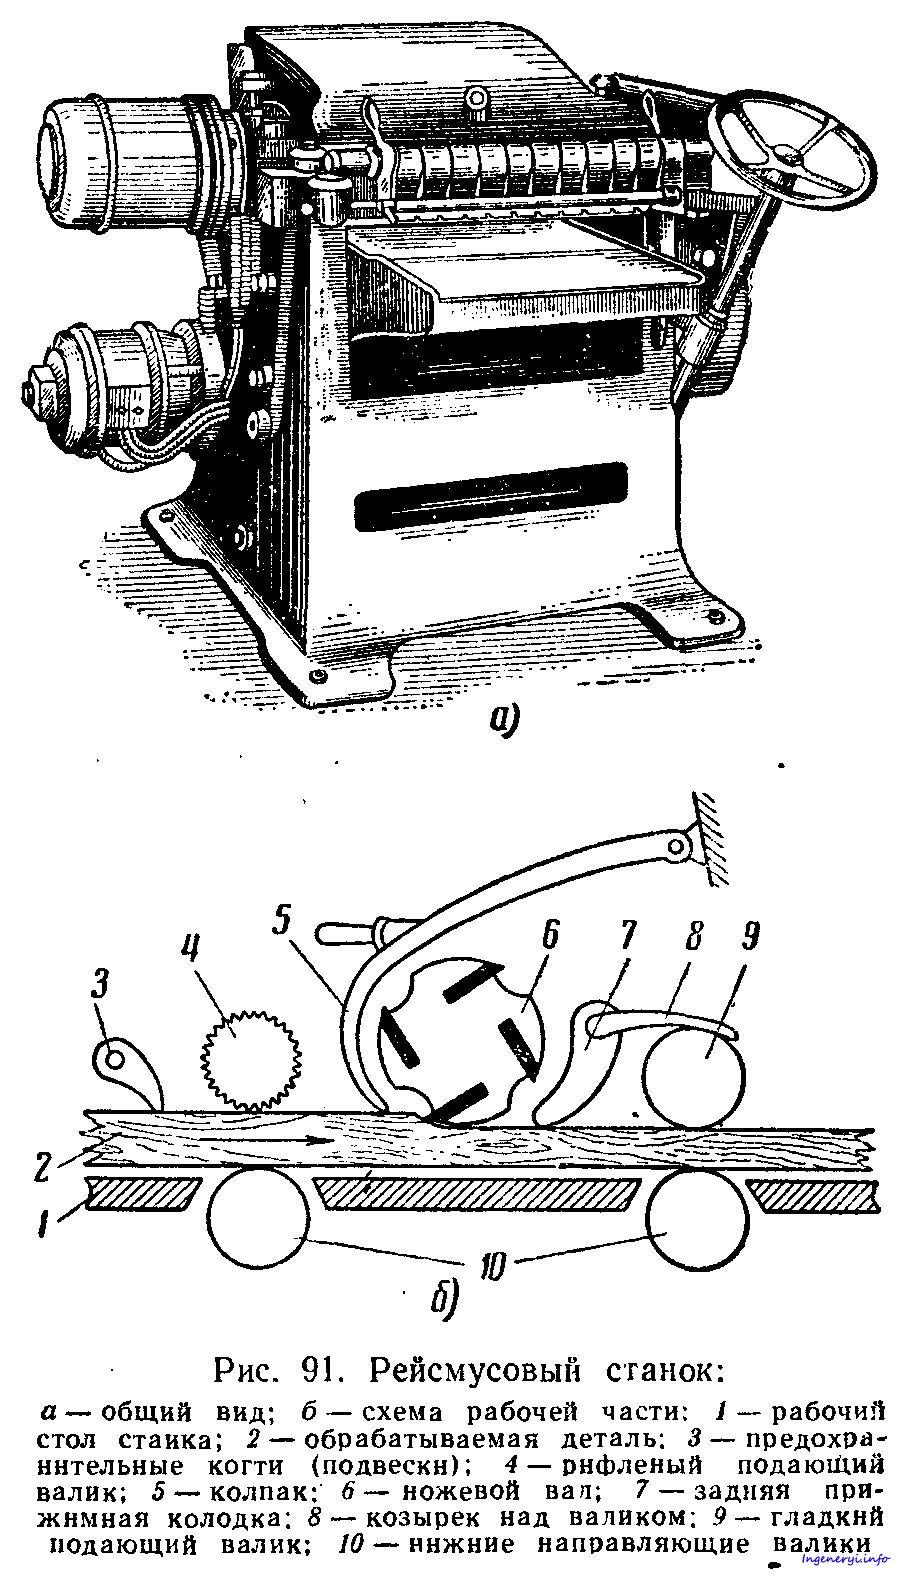 Фуганки (33 фото): что это такое? ручные фуганки по дереву и полуфуганки. для чего нужны? деревянные настольные мини-фуганки и другие виды. как выбрать инструмент для домашней мастерской?